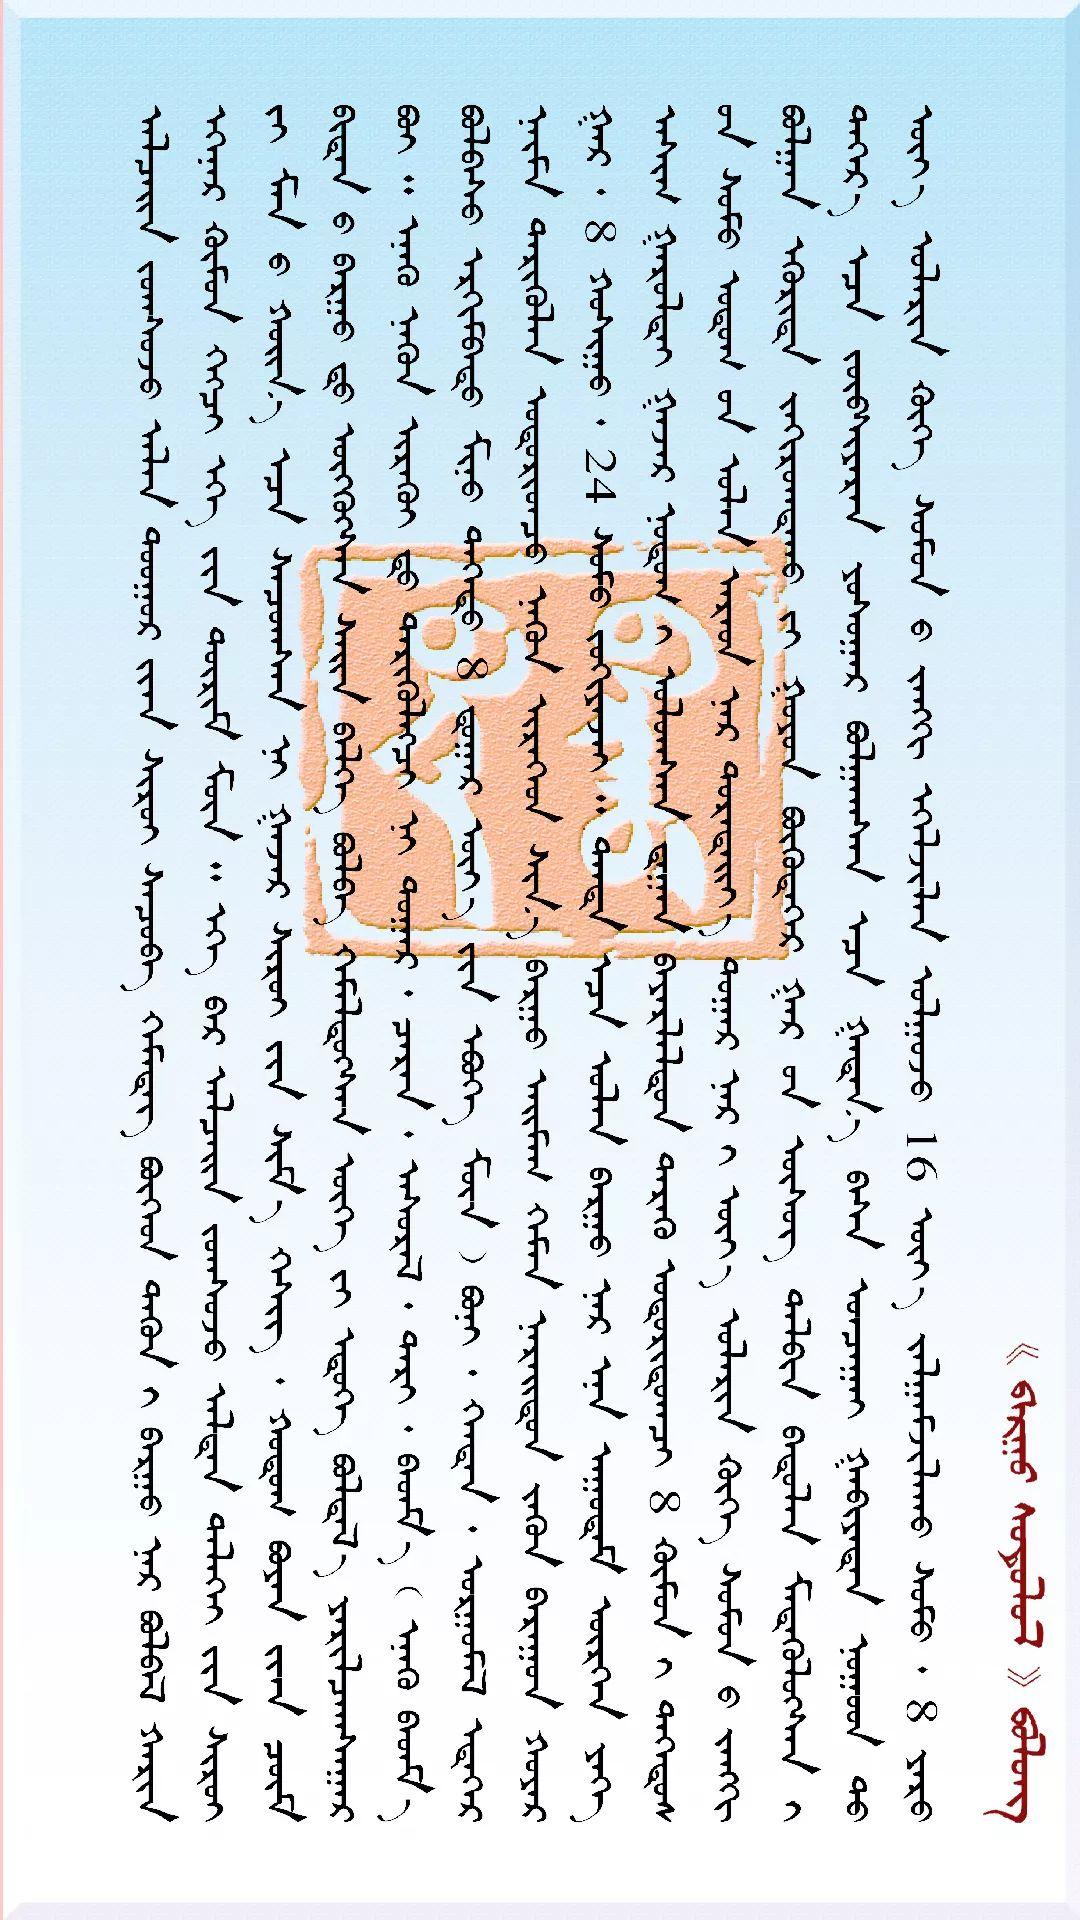 巴尔虎研究【第四期】 第9张 巴尔虎研究【第四期】 蒙古文化